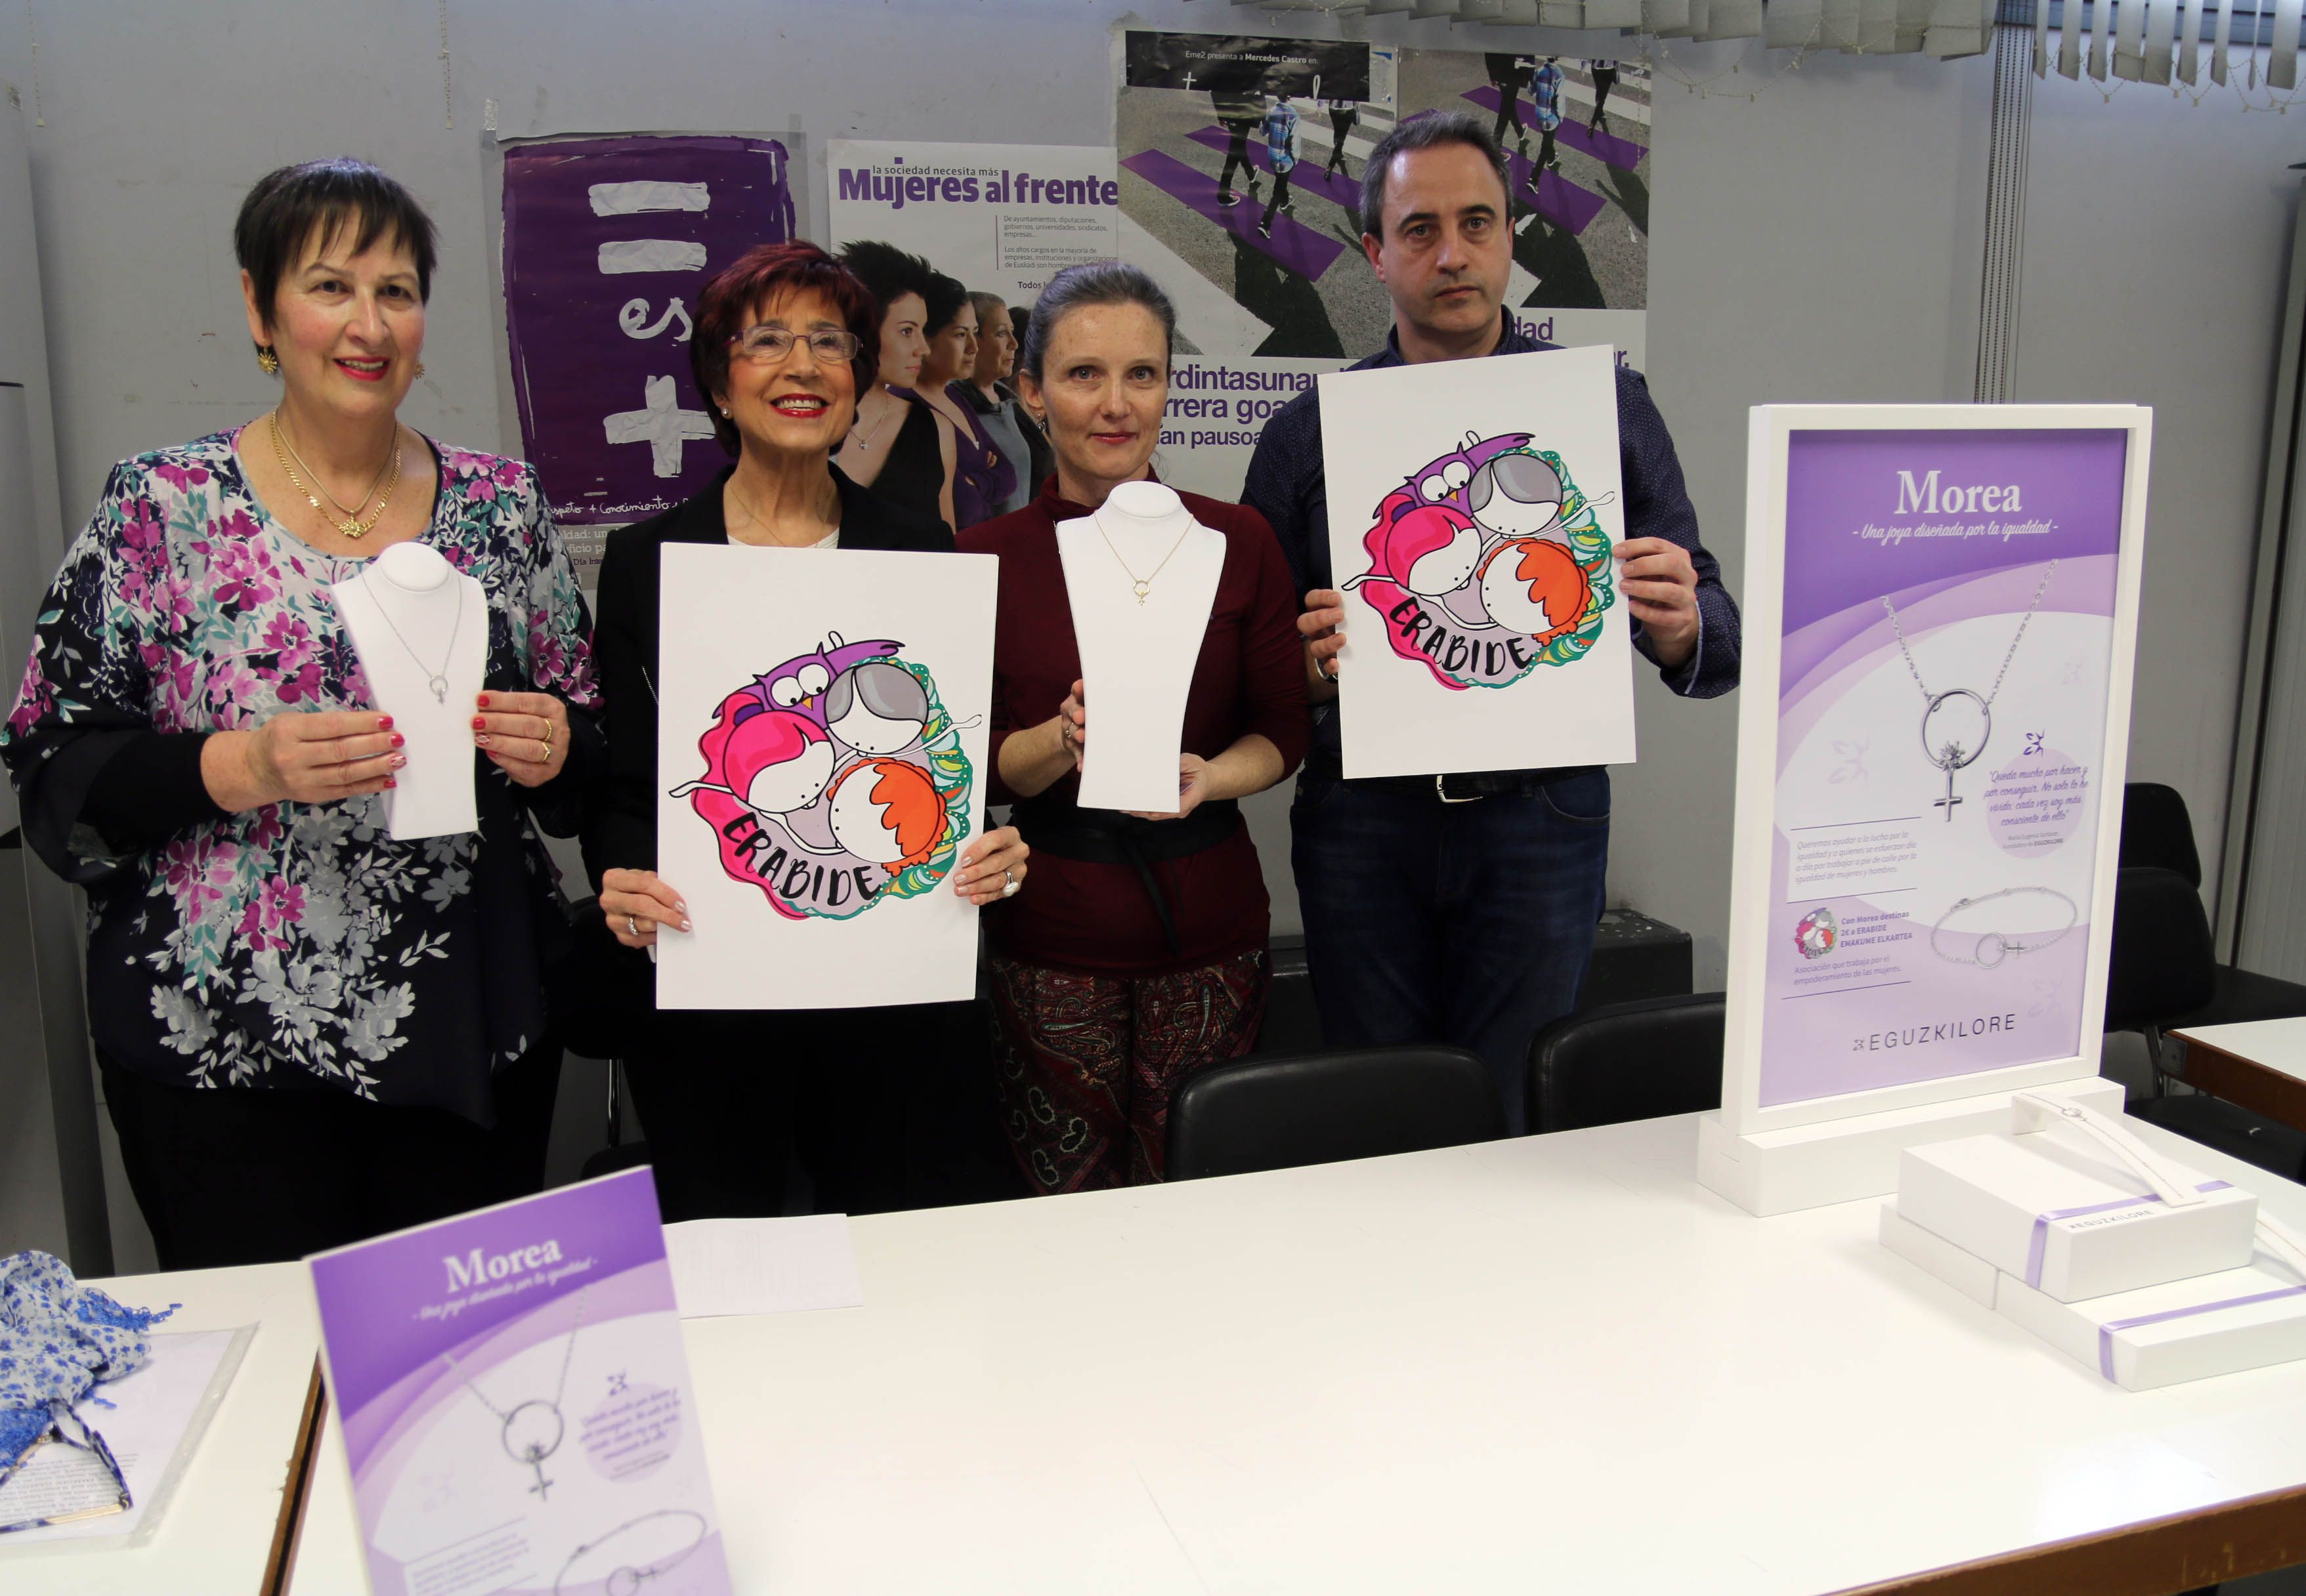 """Eguzkilore crea """"Morea"""", una iniciativa y una joya solidaria por la igualdad de mujeres y hombres"""